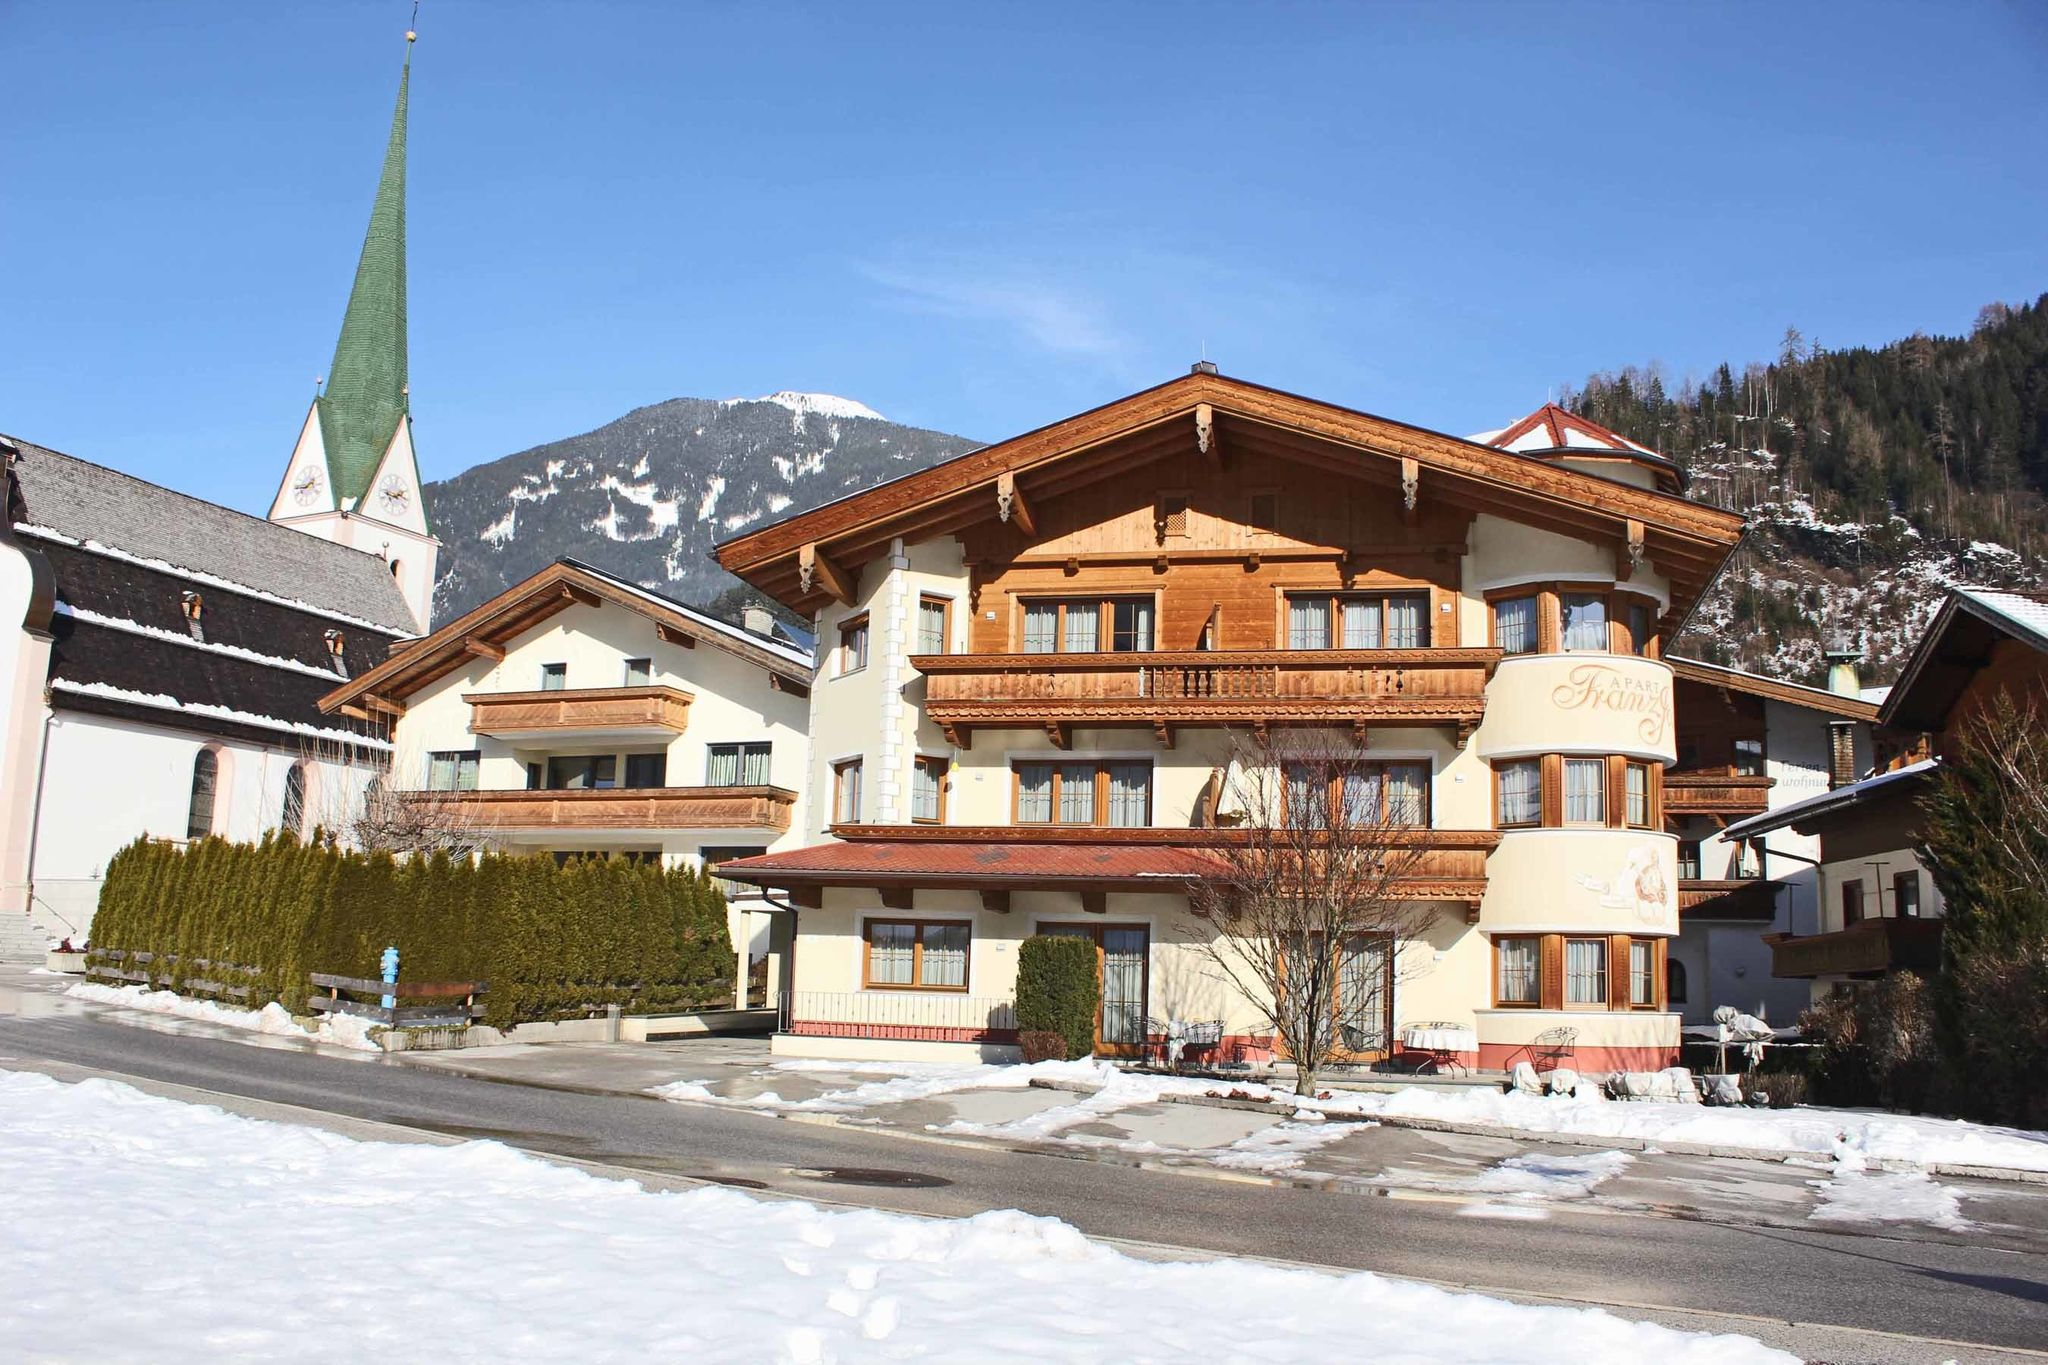 Ski Chalet Kaltenbach Stumm